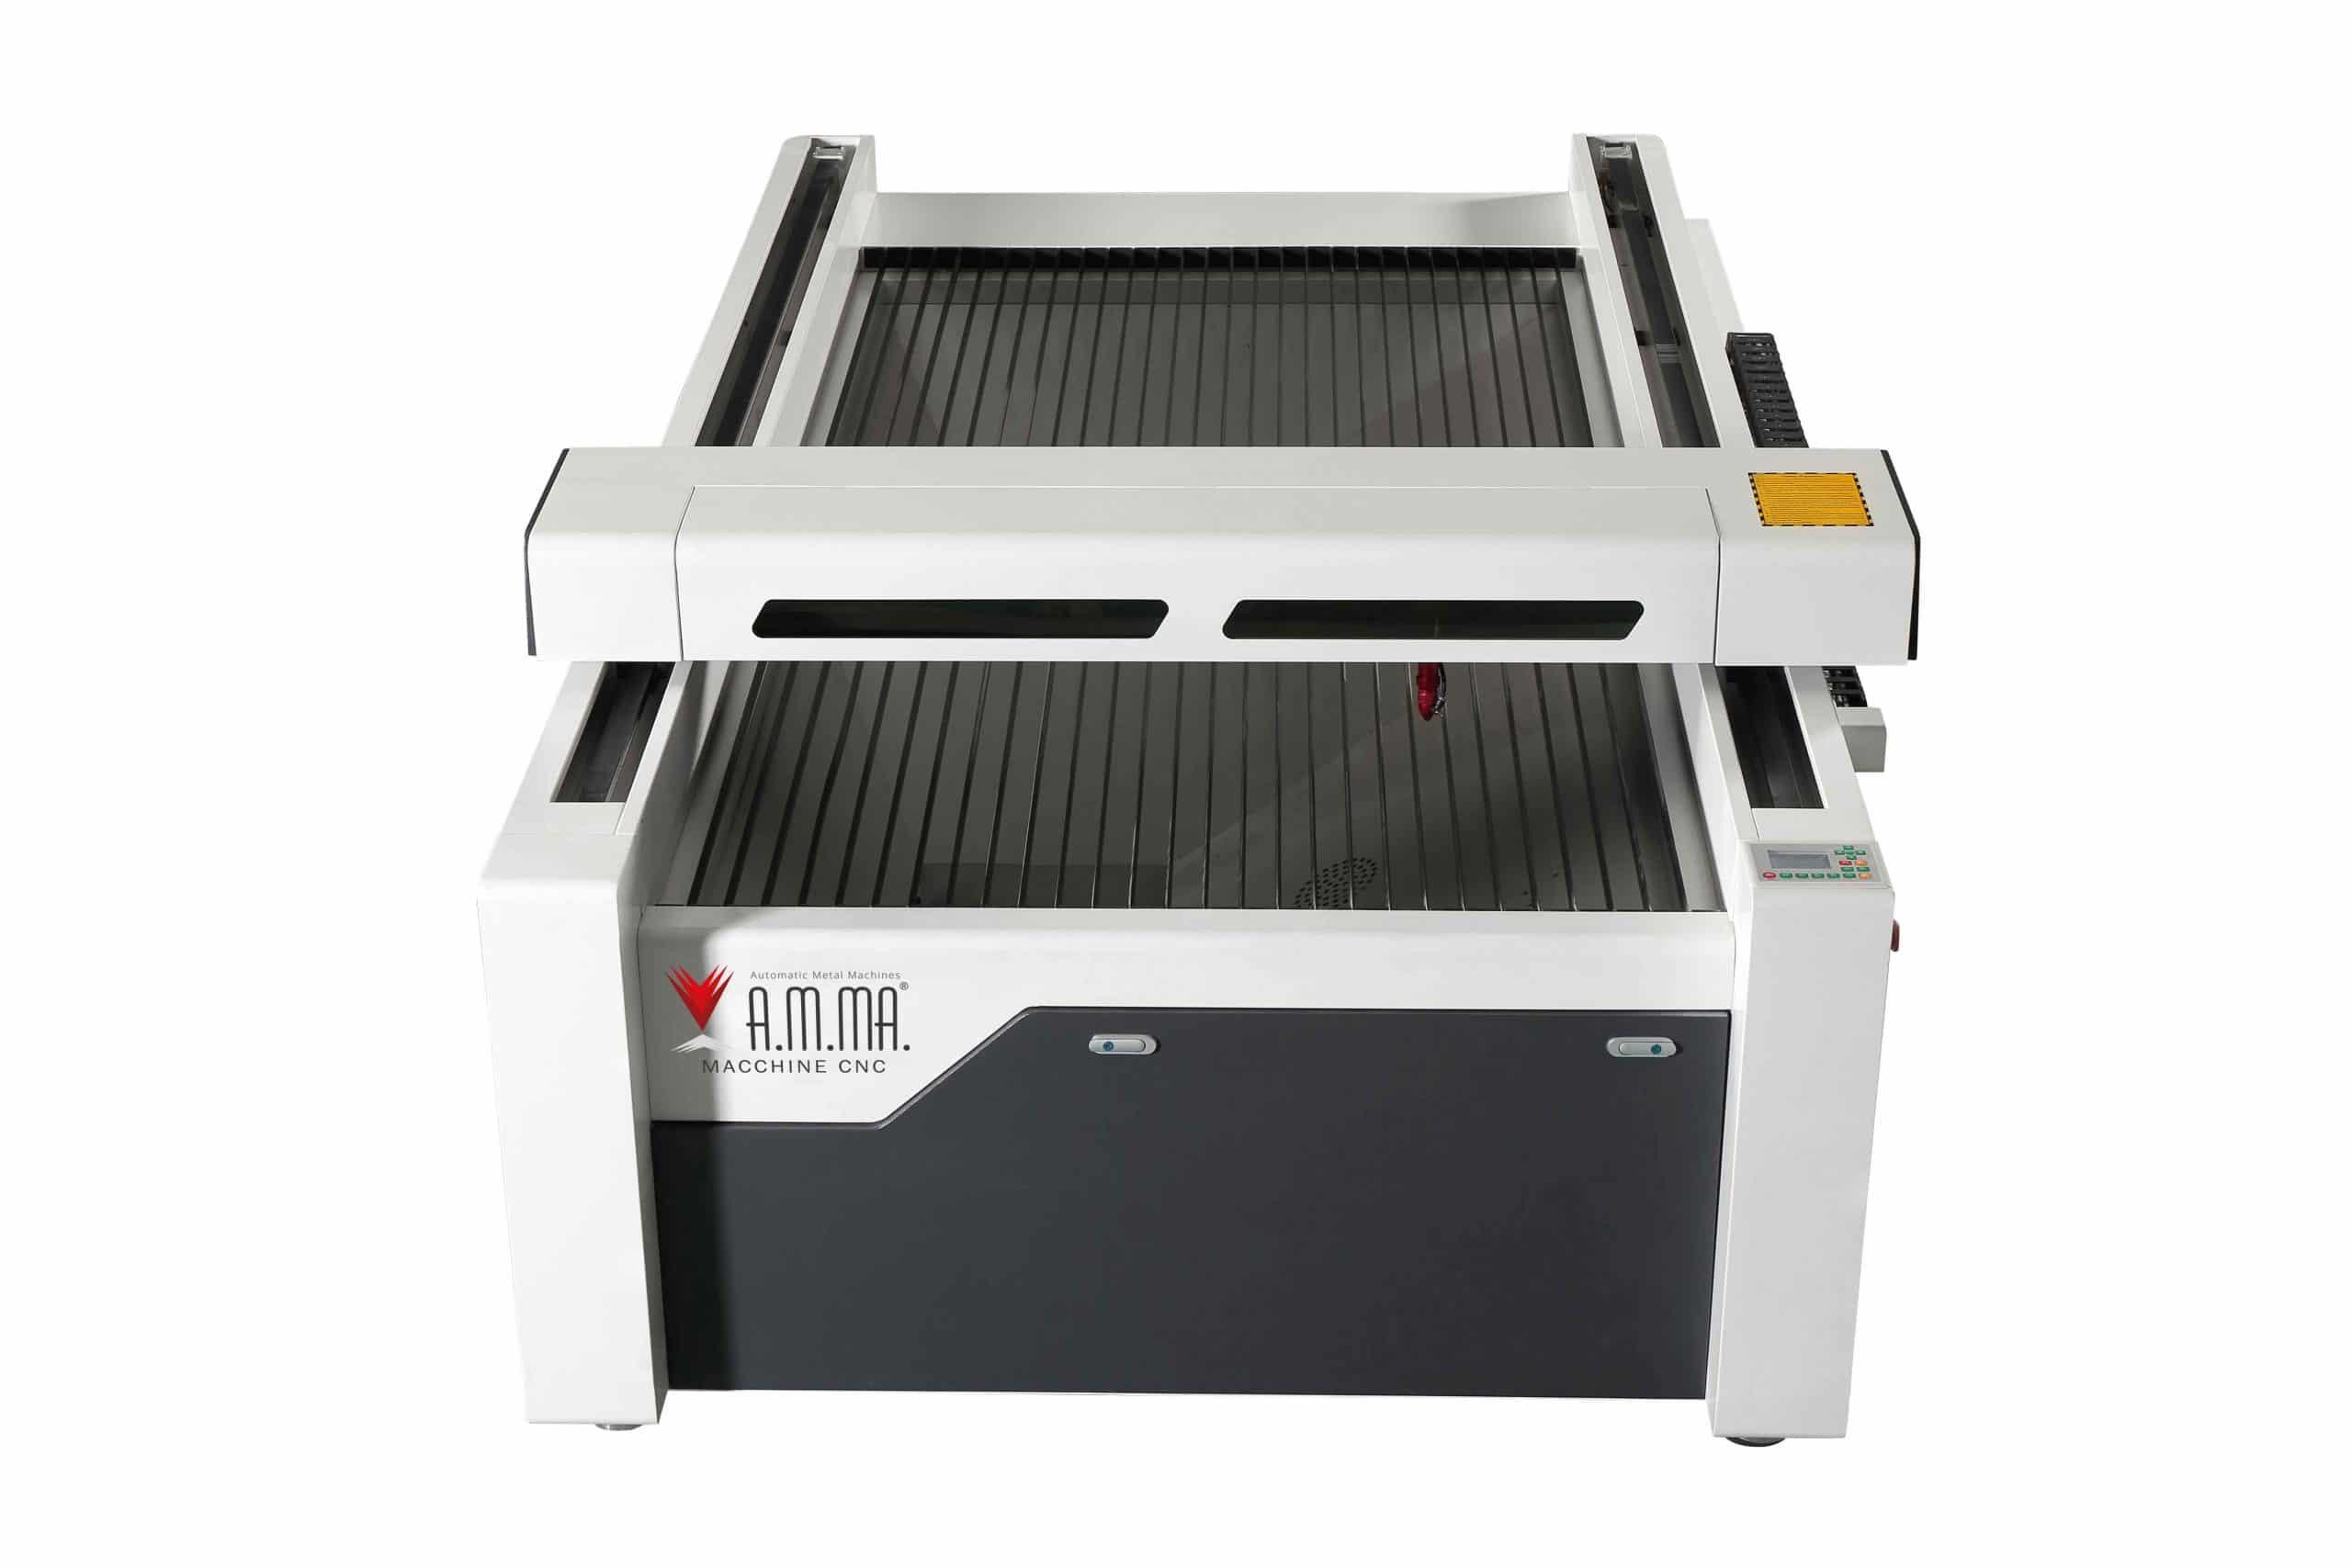 BCL-1325-(1) laser amma